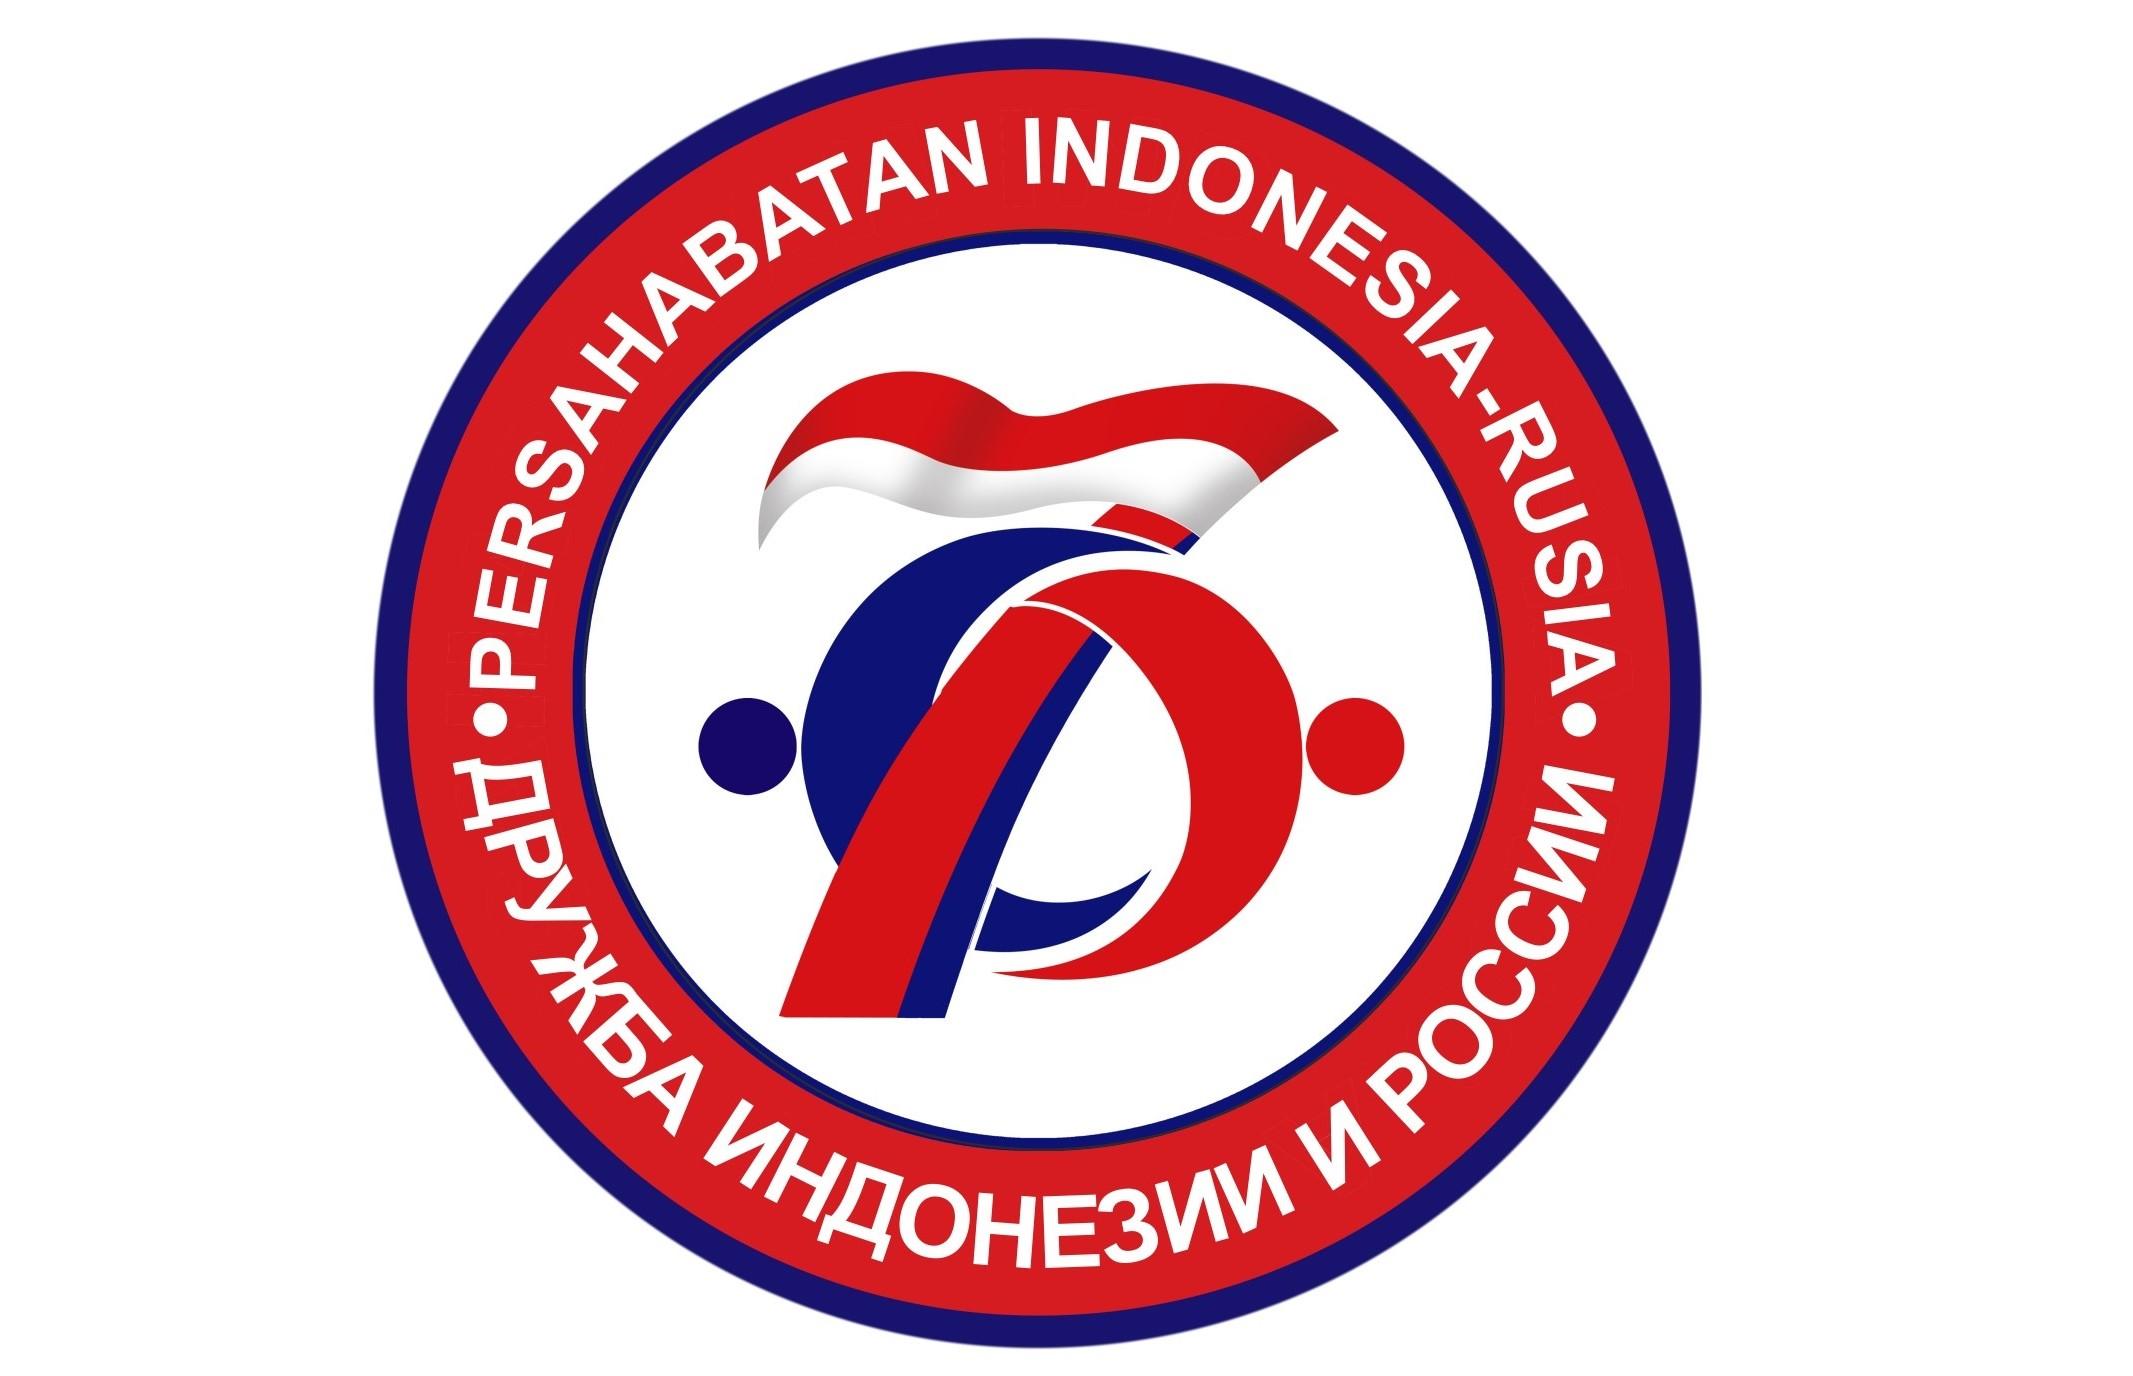 Наши студенты стали победителями конкурса Посольства Индонезии в РФ